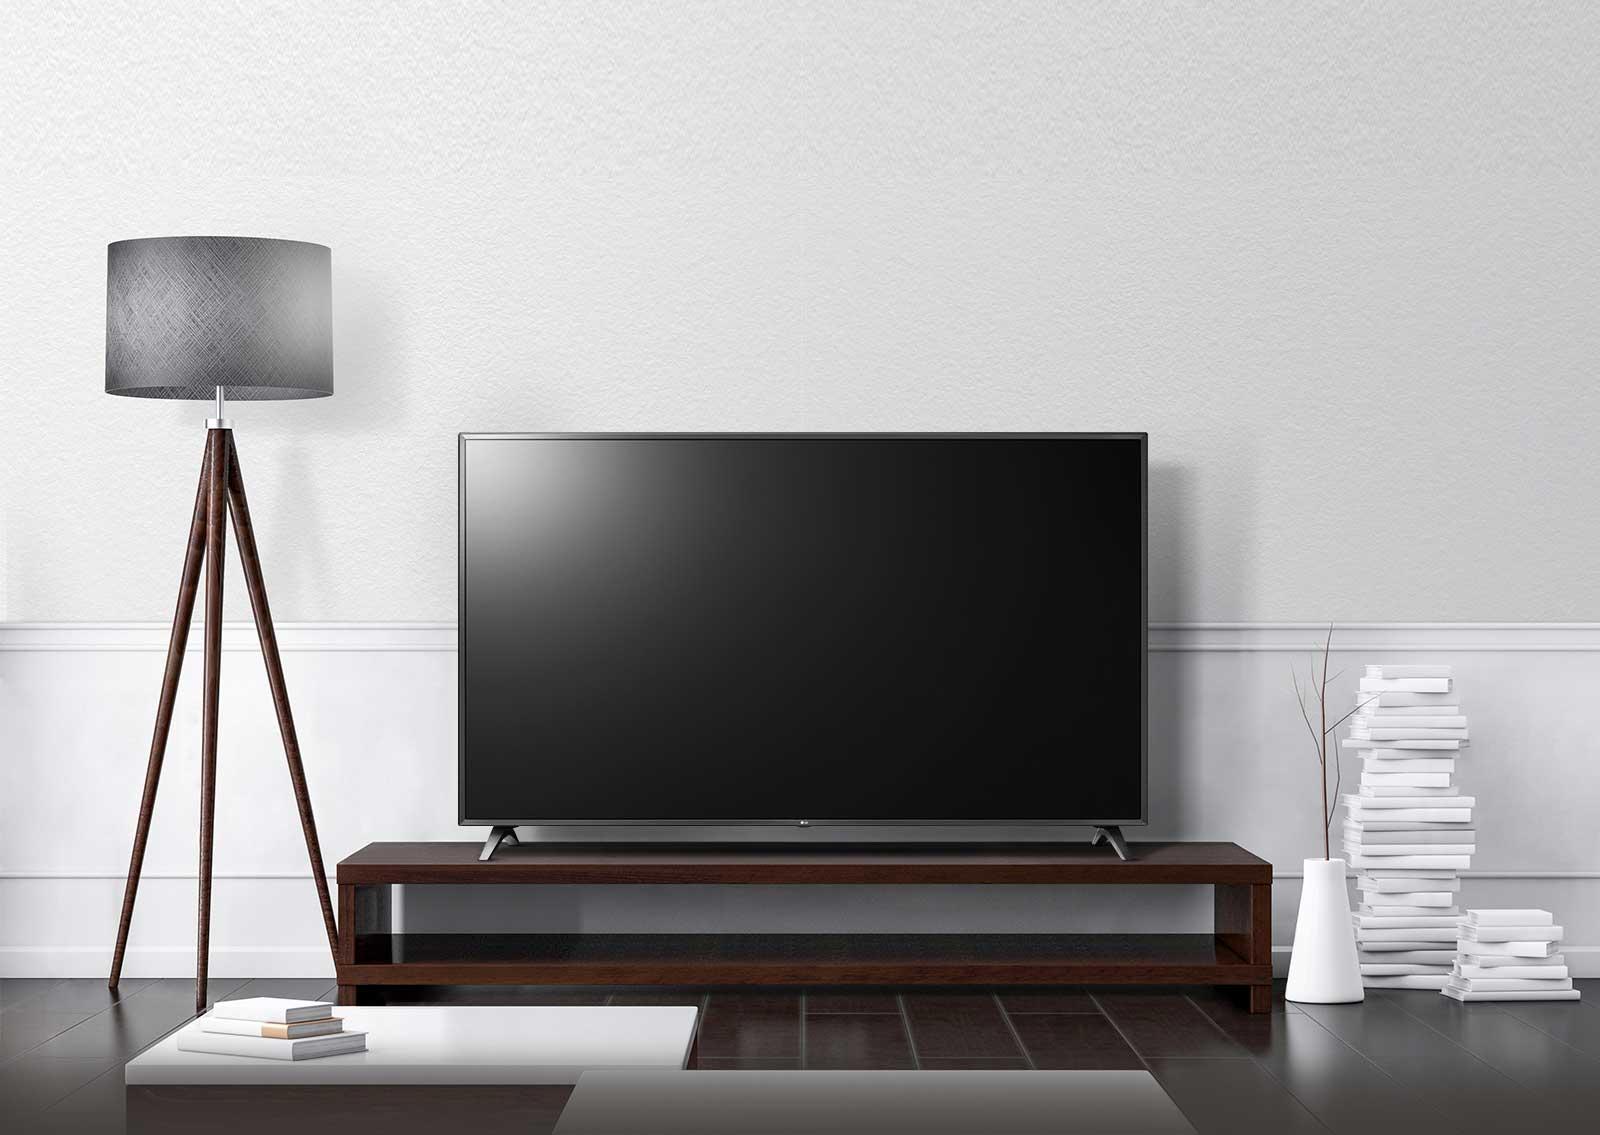 TV-UHD-UM69-07-Design-Desktop-V001